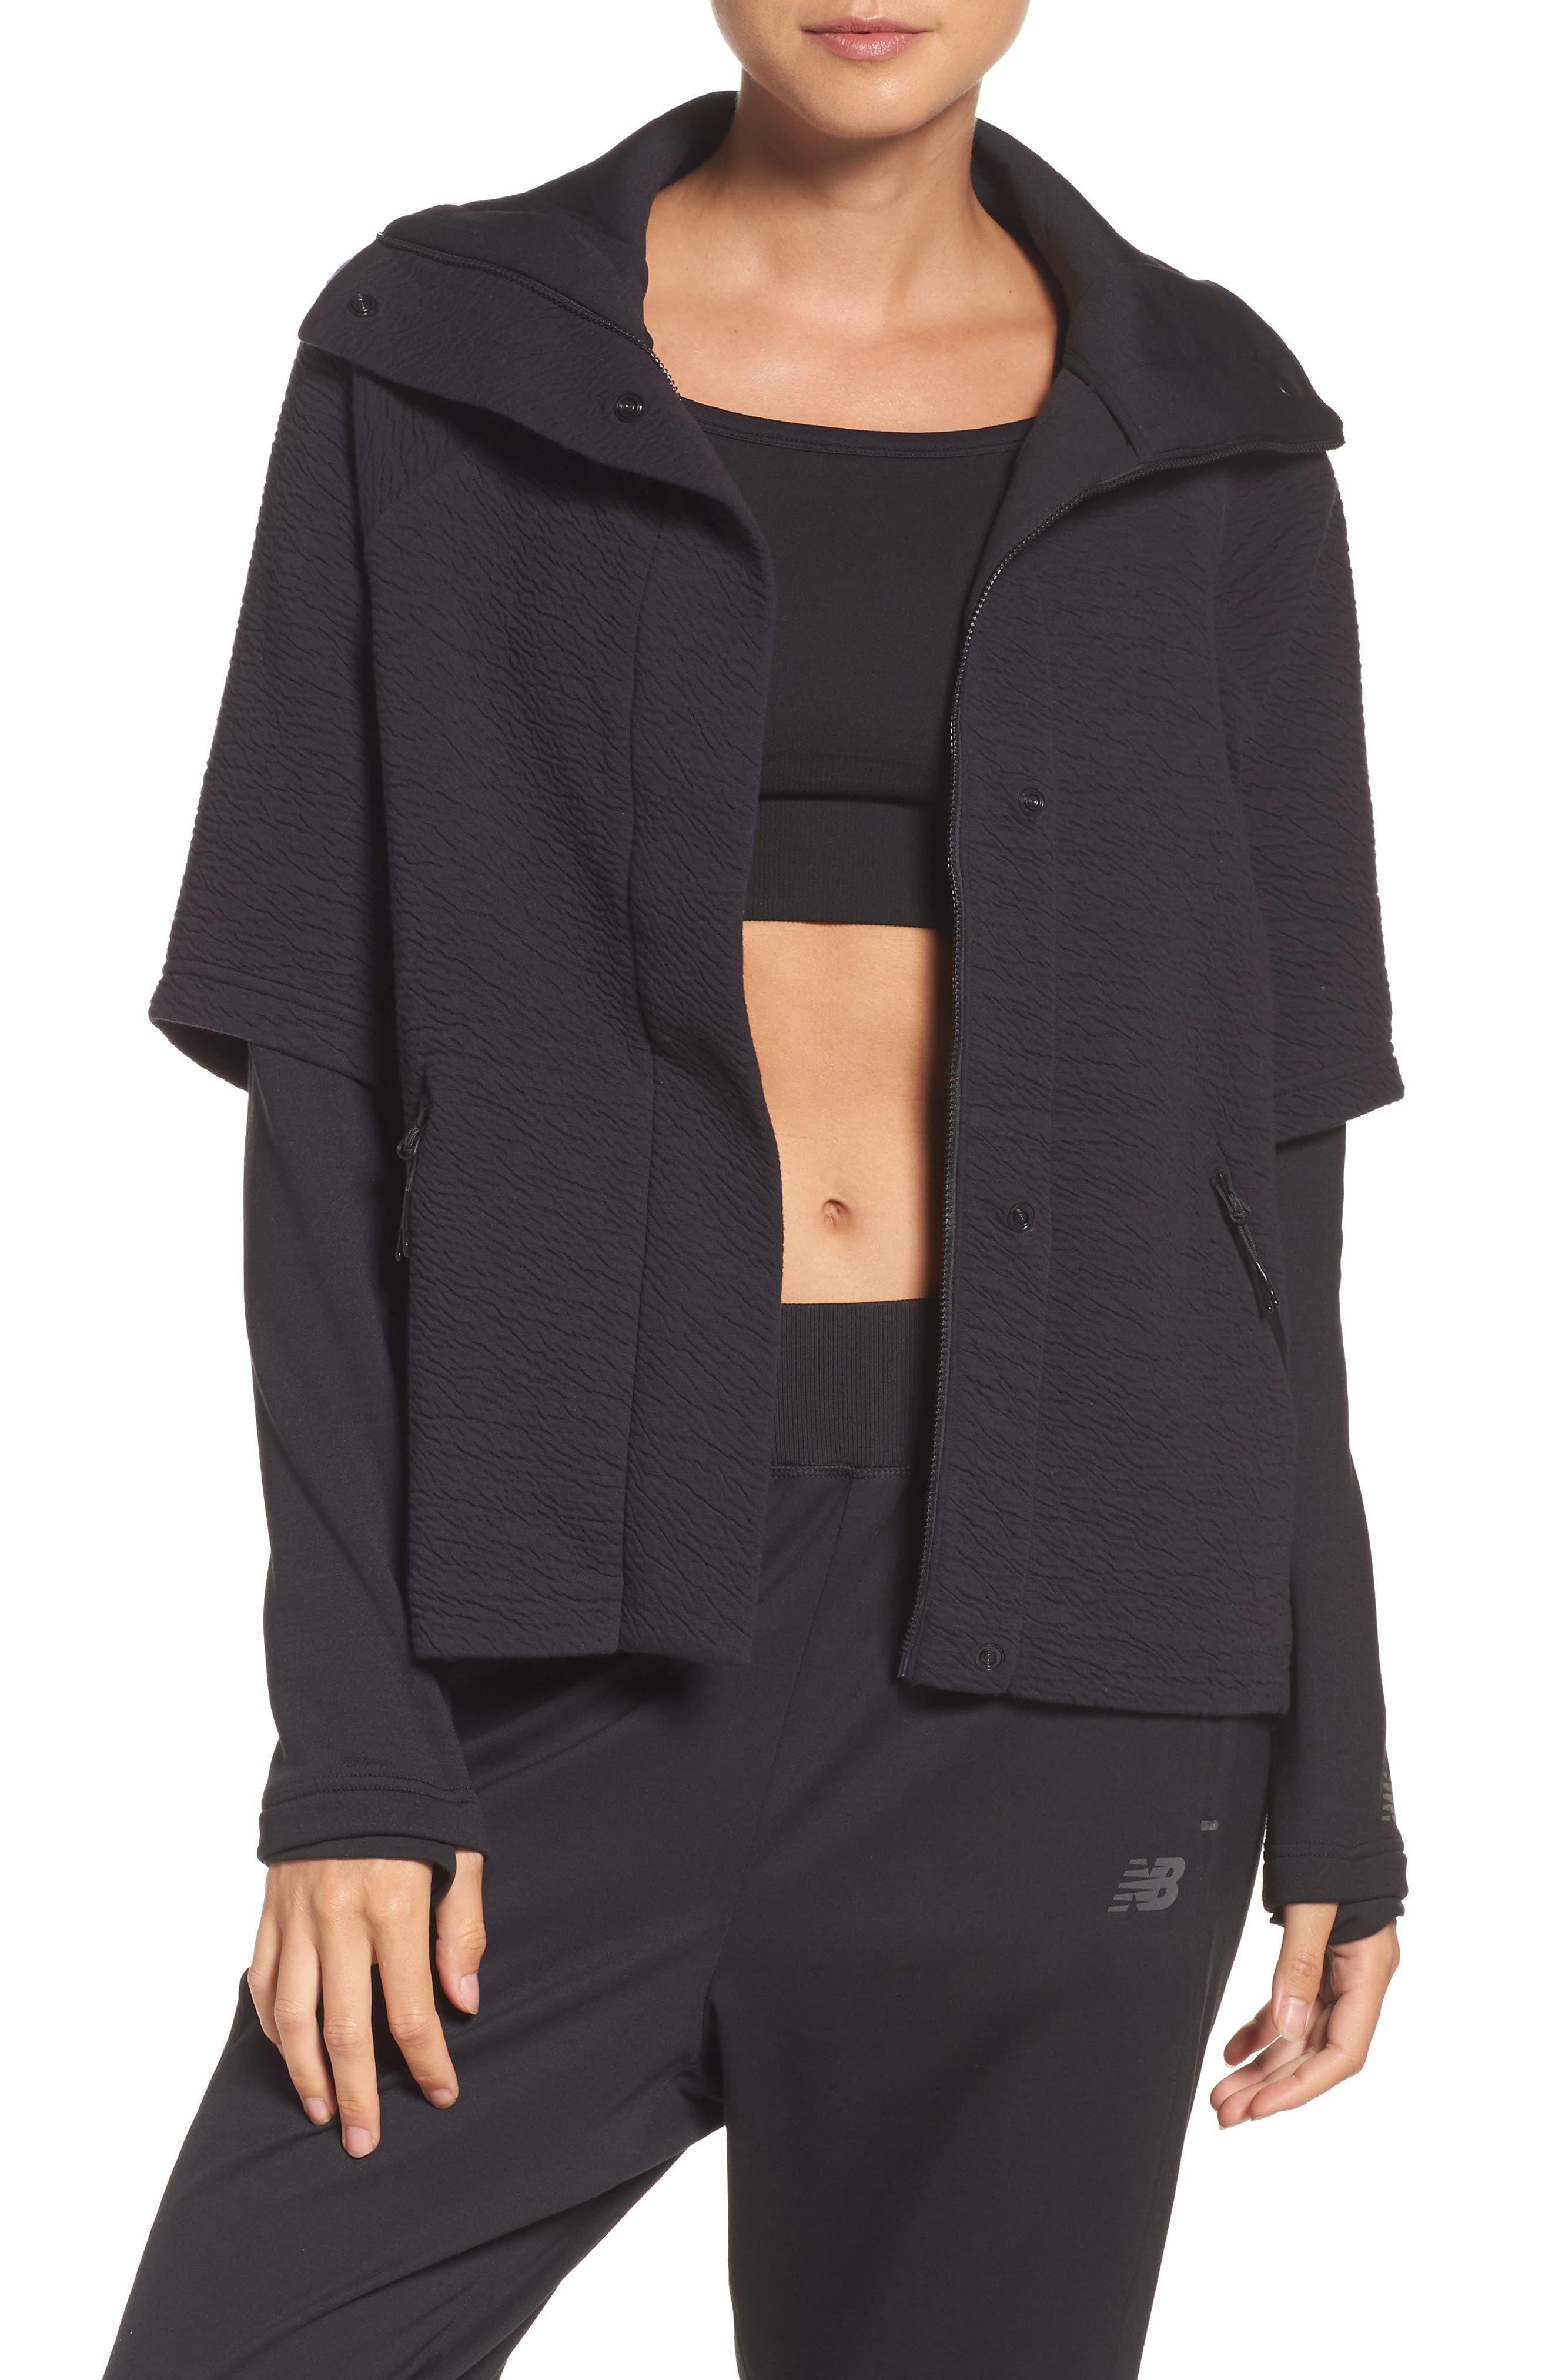 New Balance Heat Knit Drape Jacket